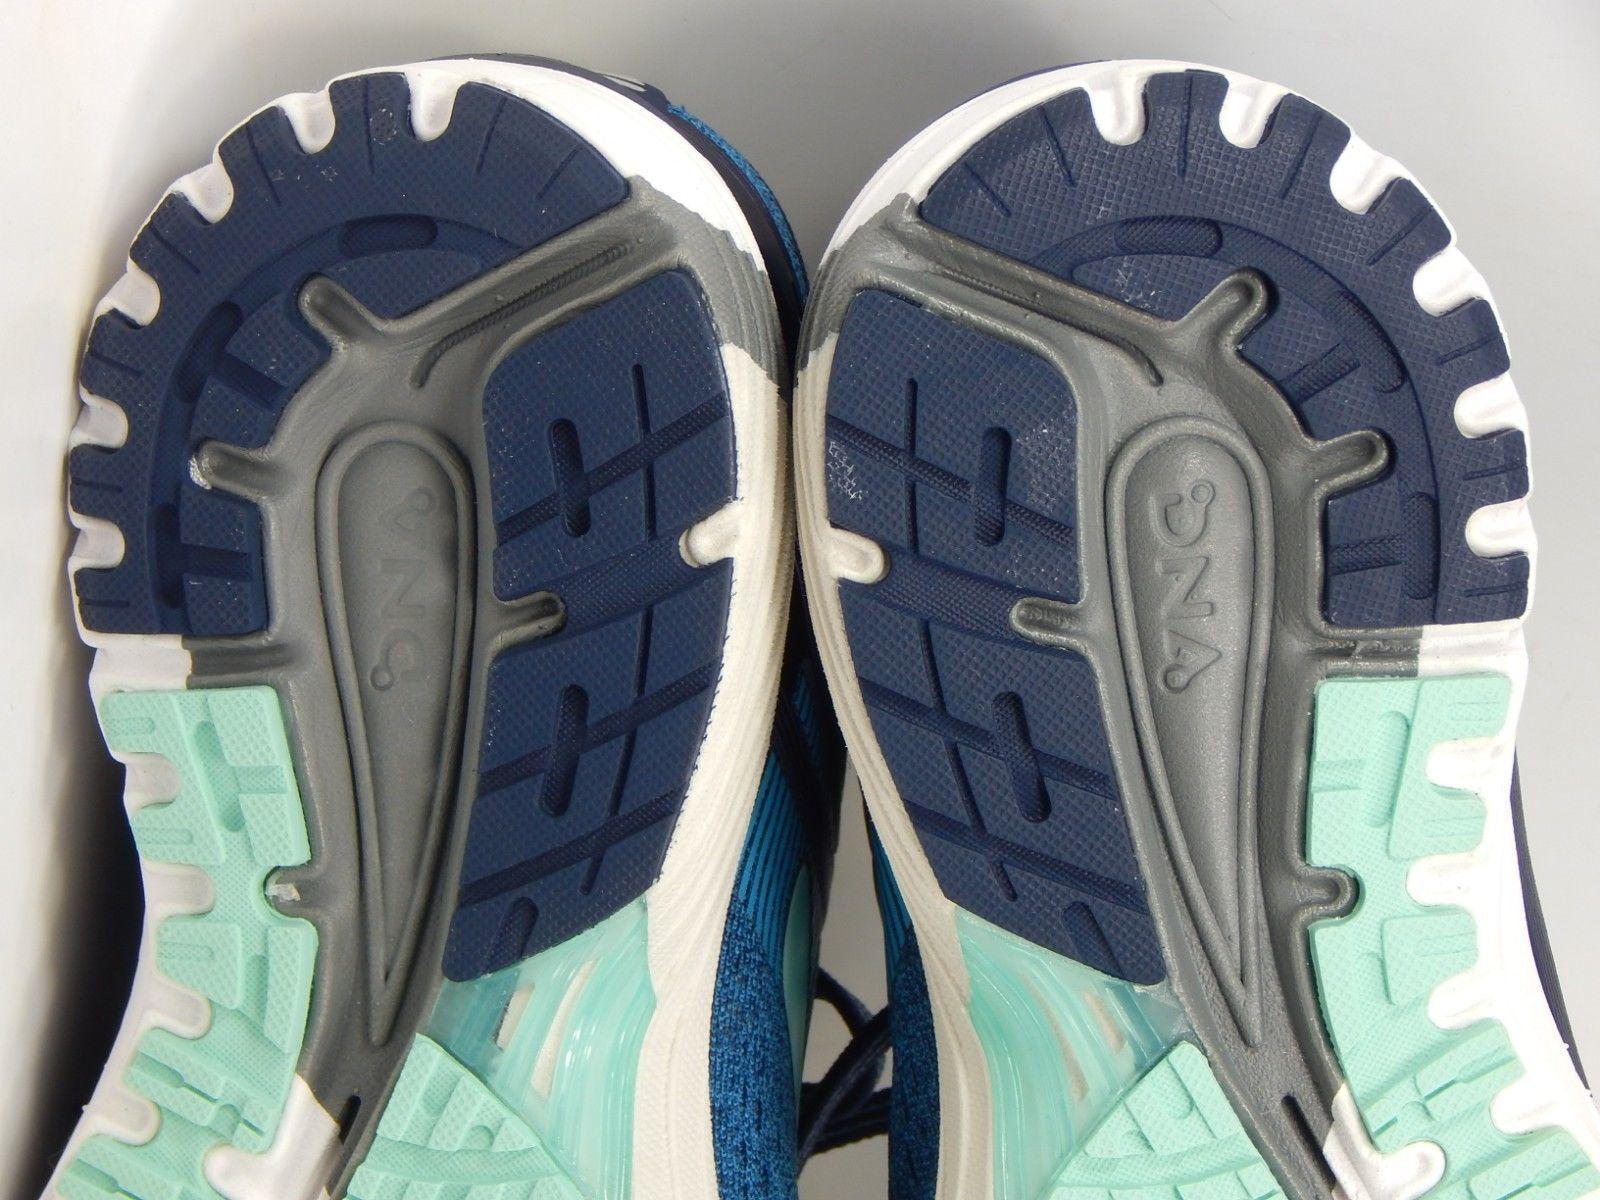 Brooks GTS 18 Size 10.5 2E EXTRA WIDE EU 42.5 Women's Running Shoes 1202682E495